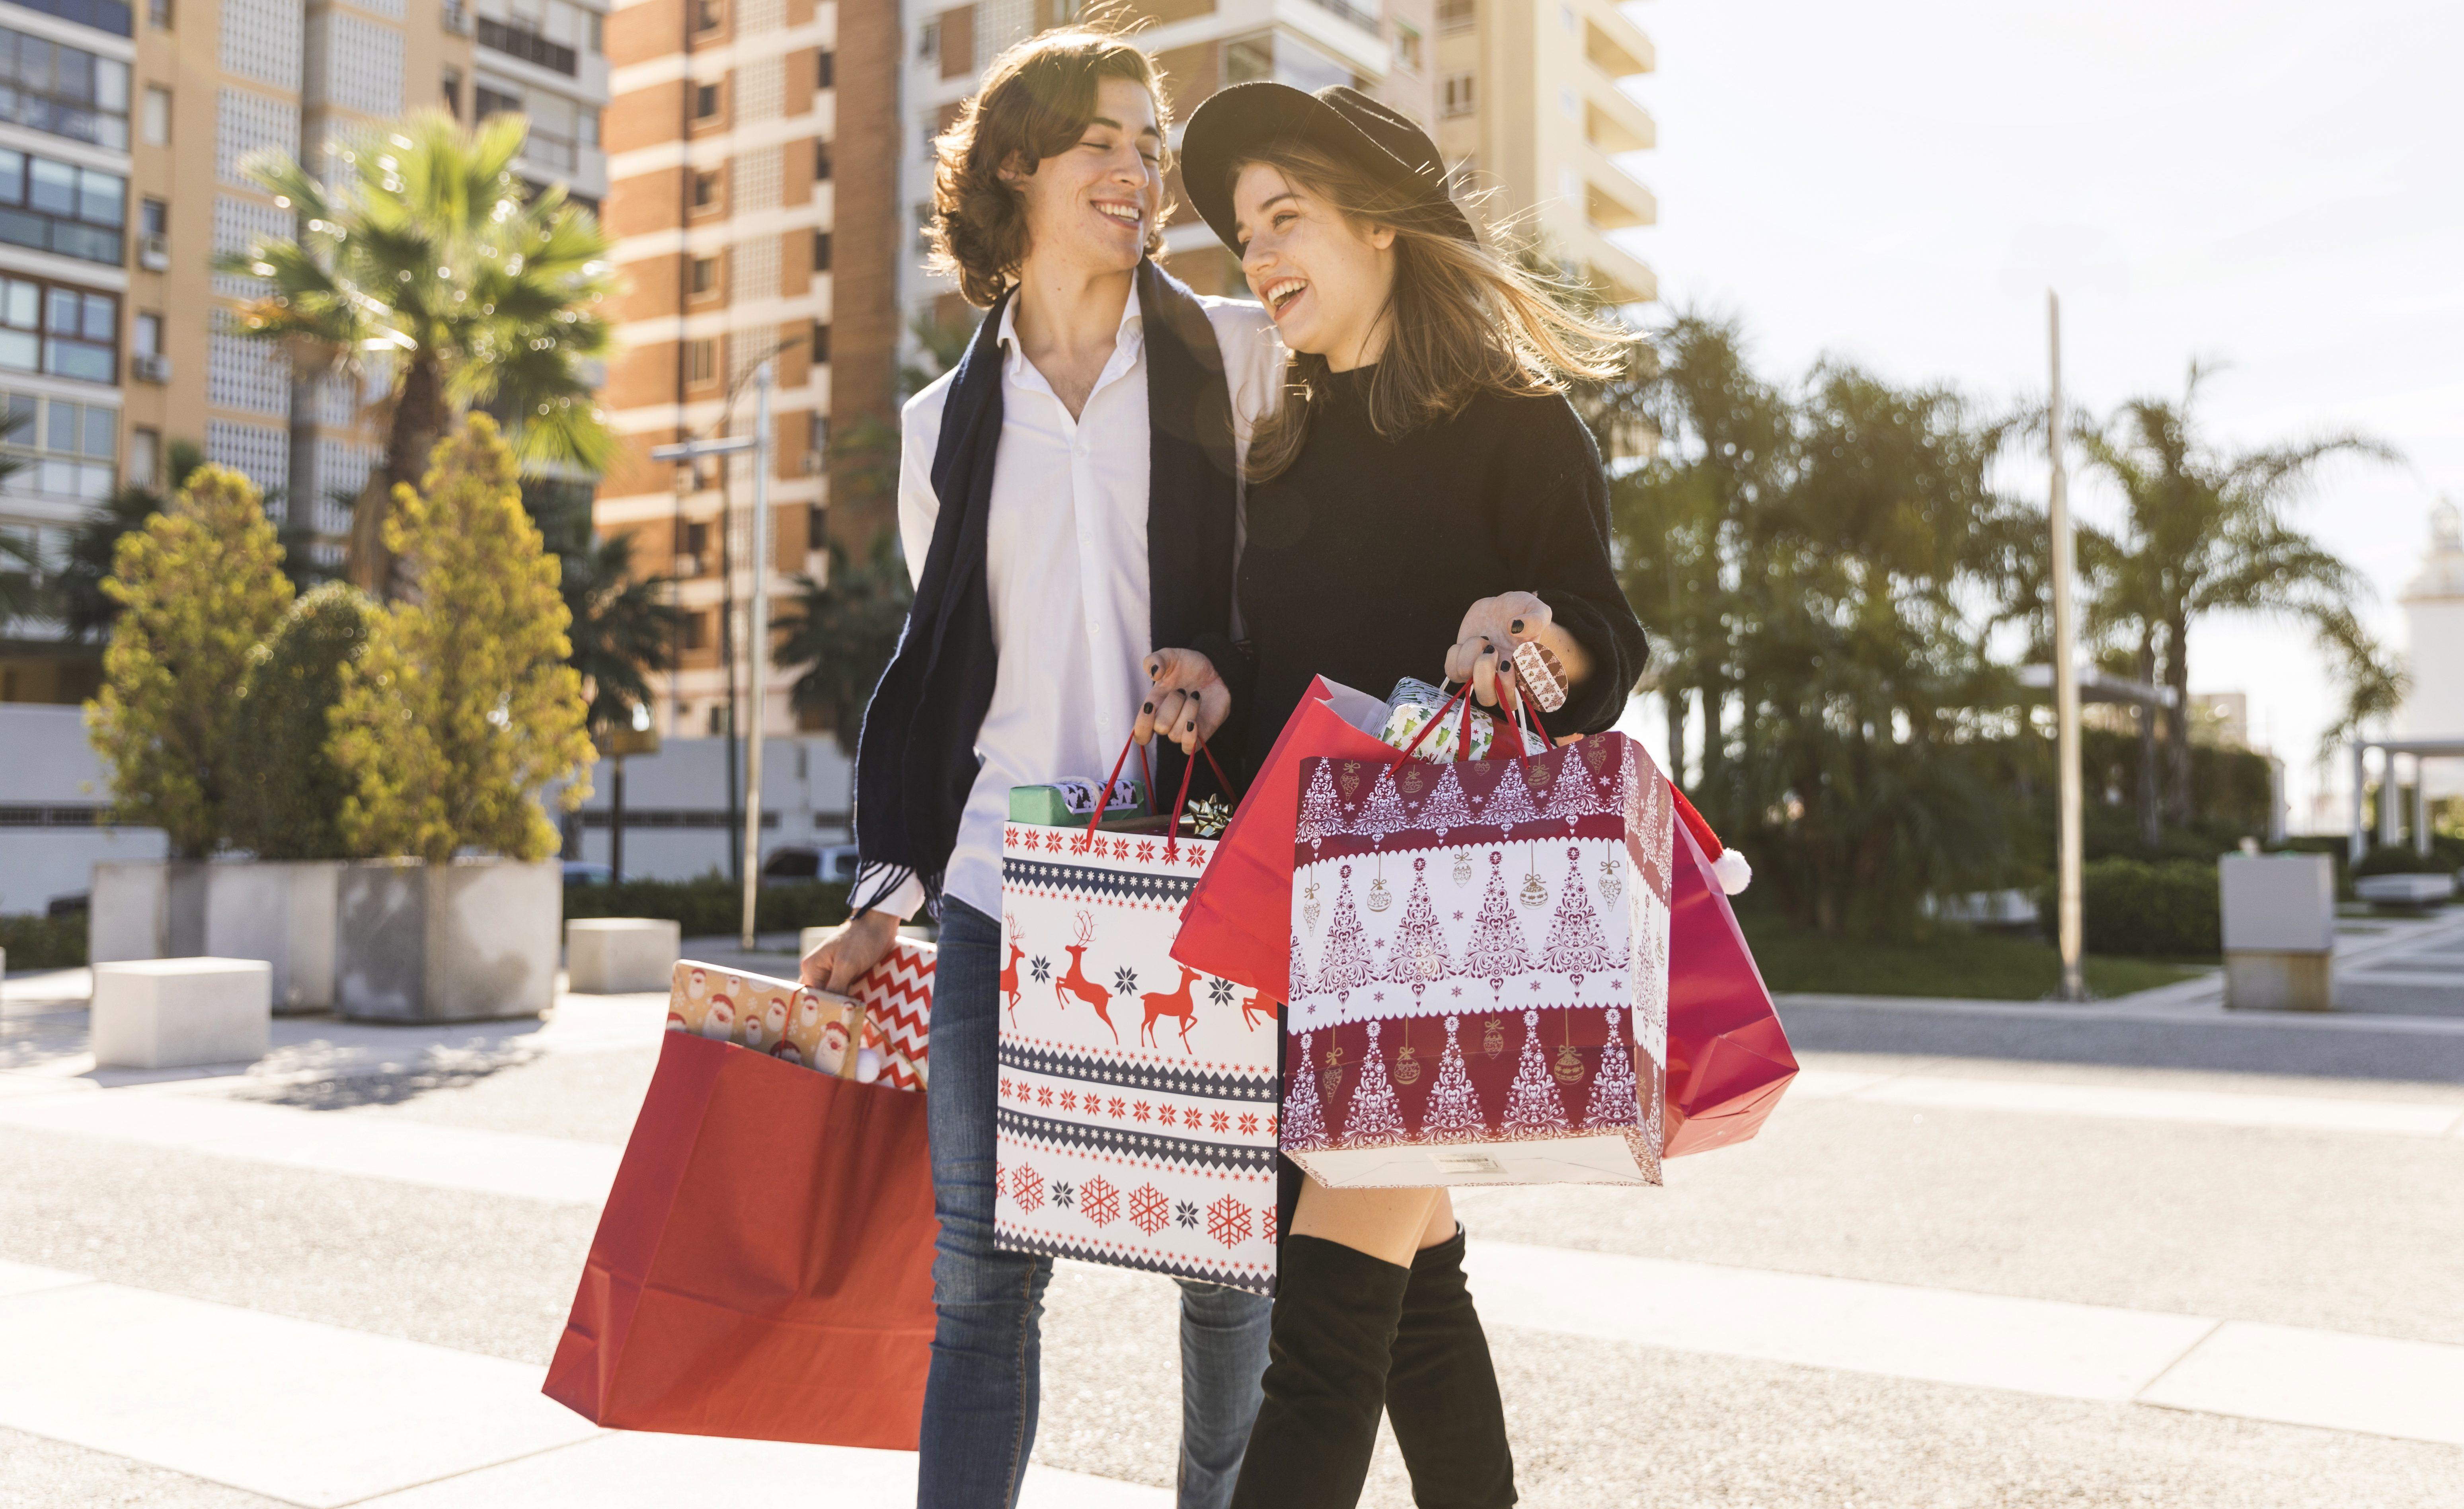 Tendencias y Planificación de la Navidad en los medios y redes sociales